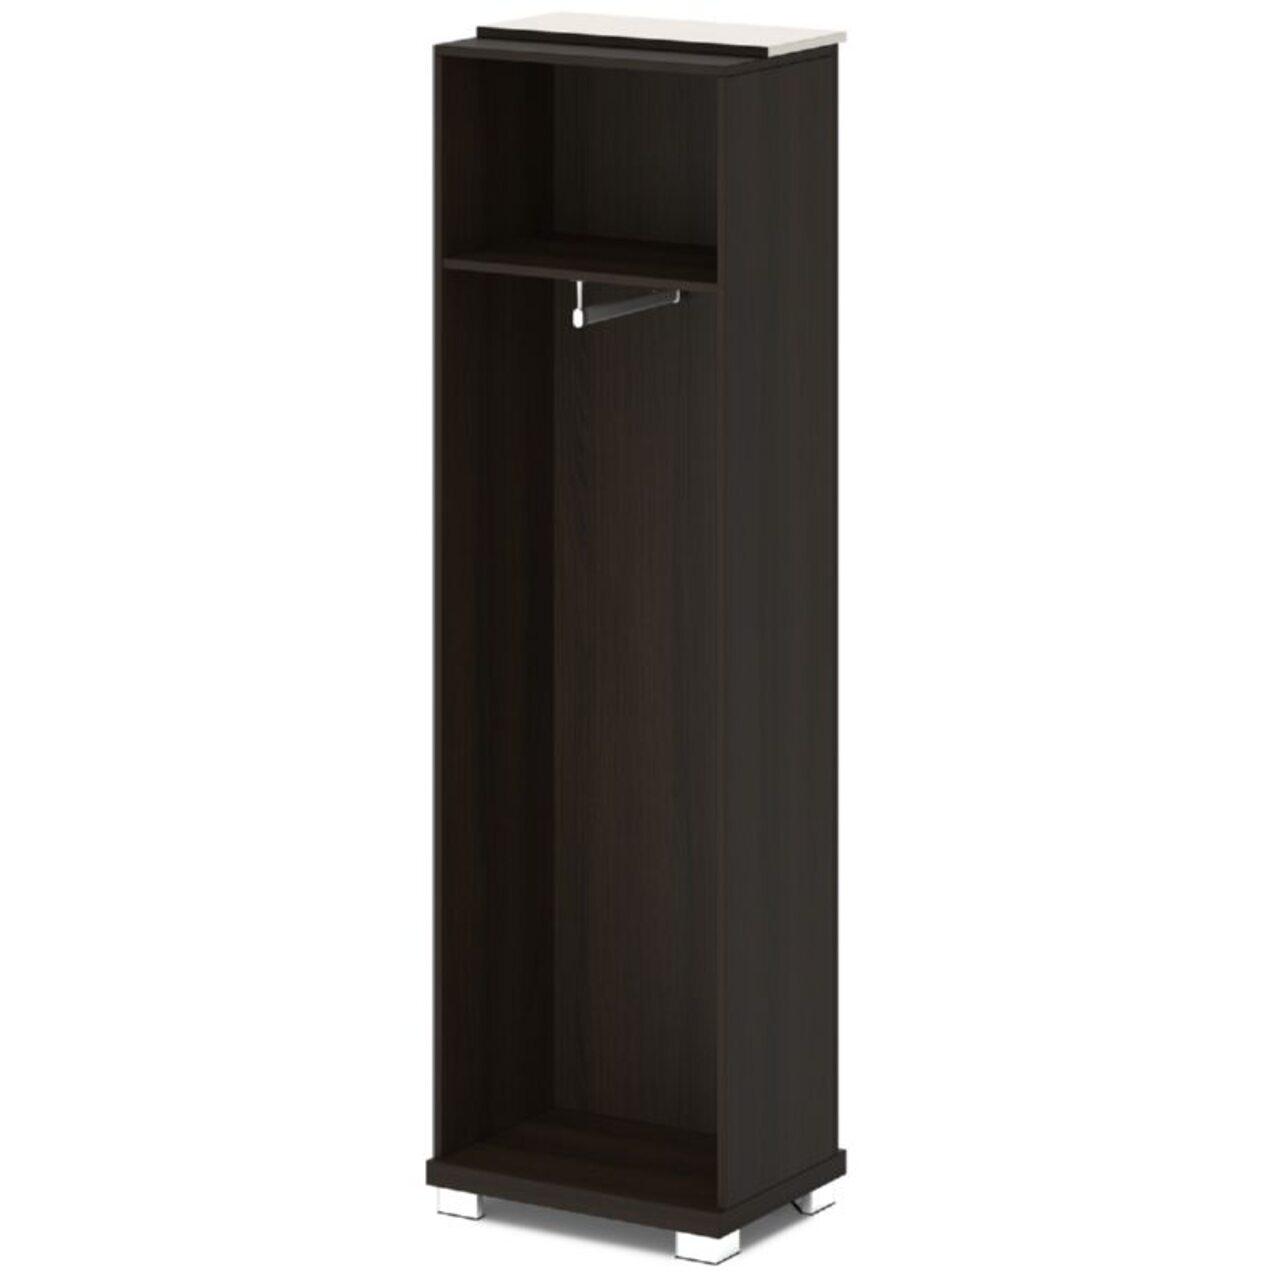 Каркас шкафа для одежды центральный - фото 11